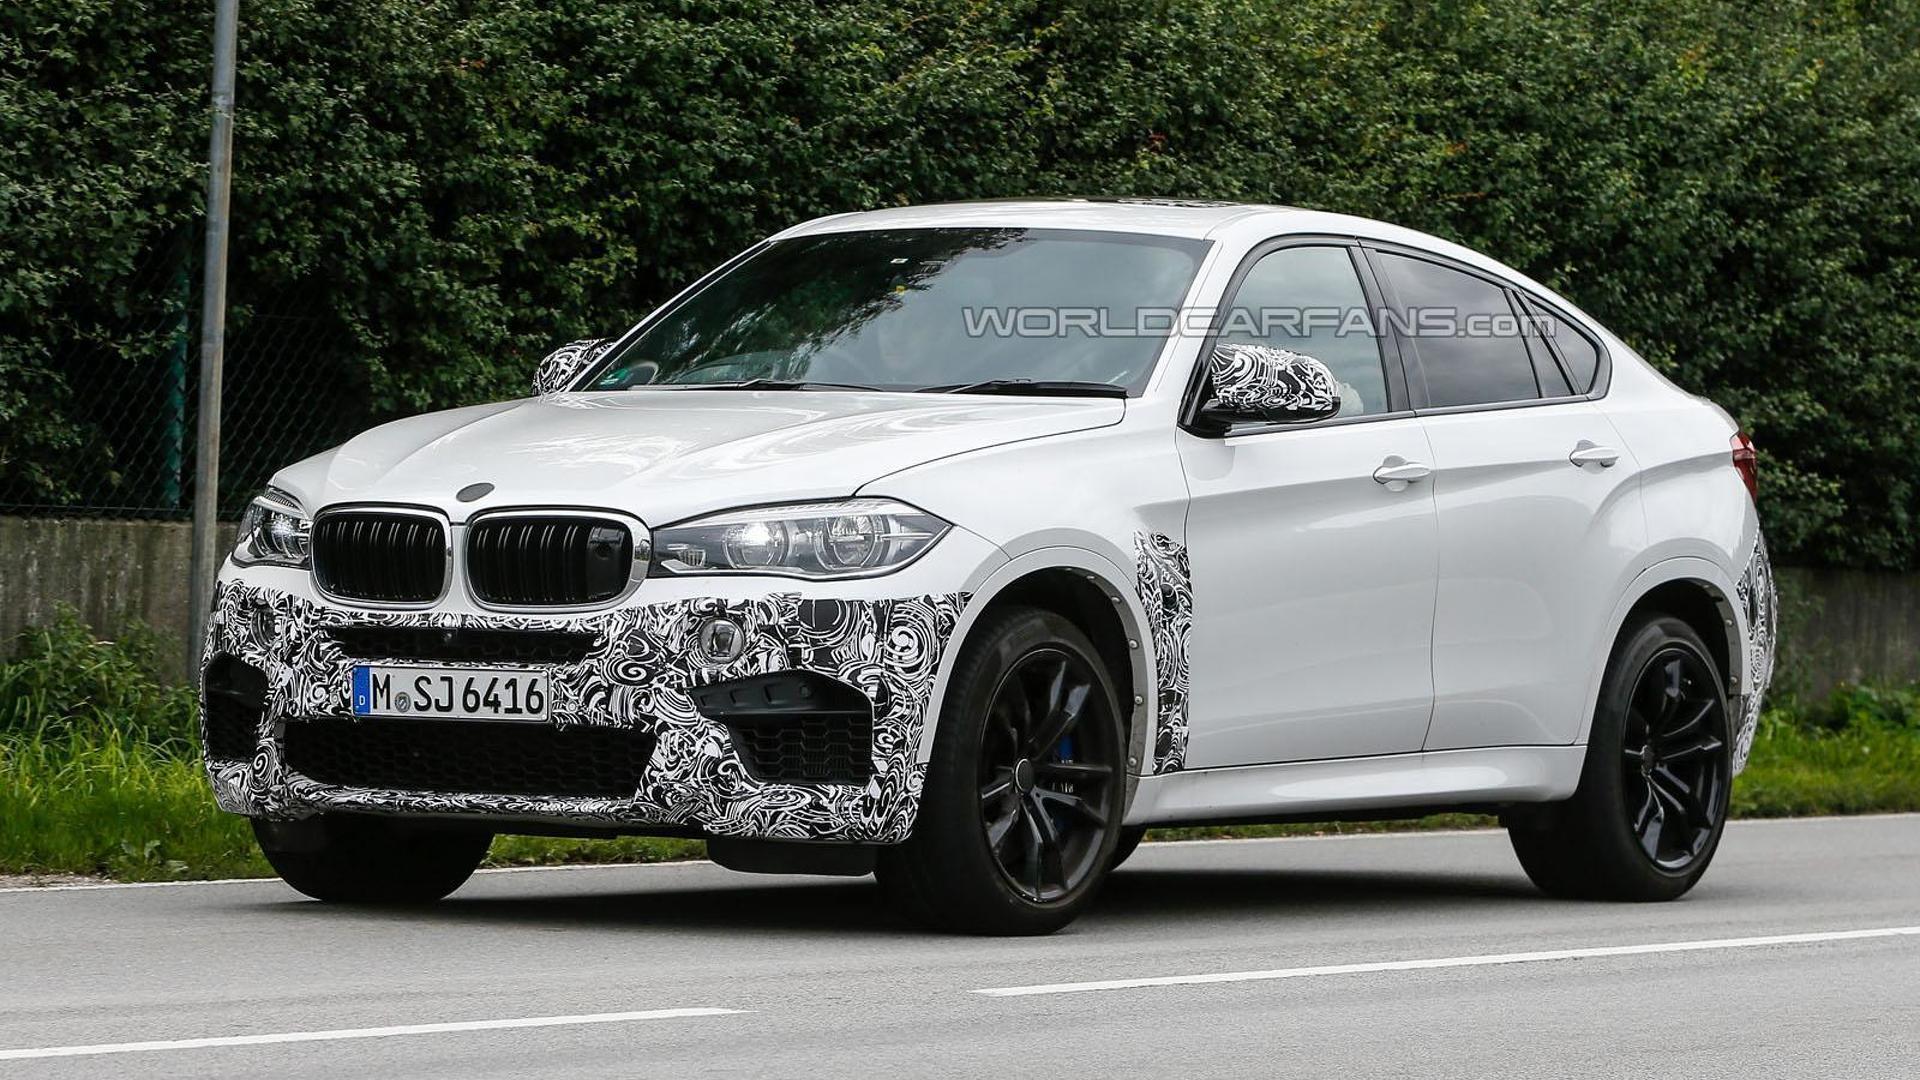 BMW X6 M drops some camo in latest spy photos